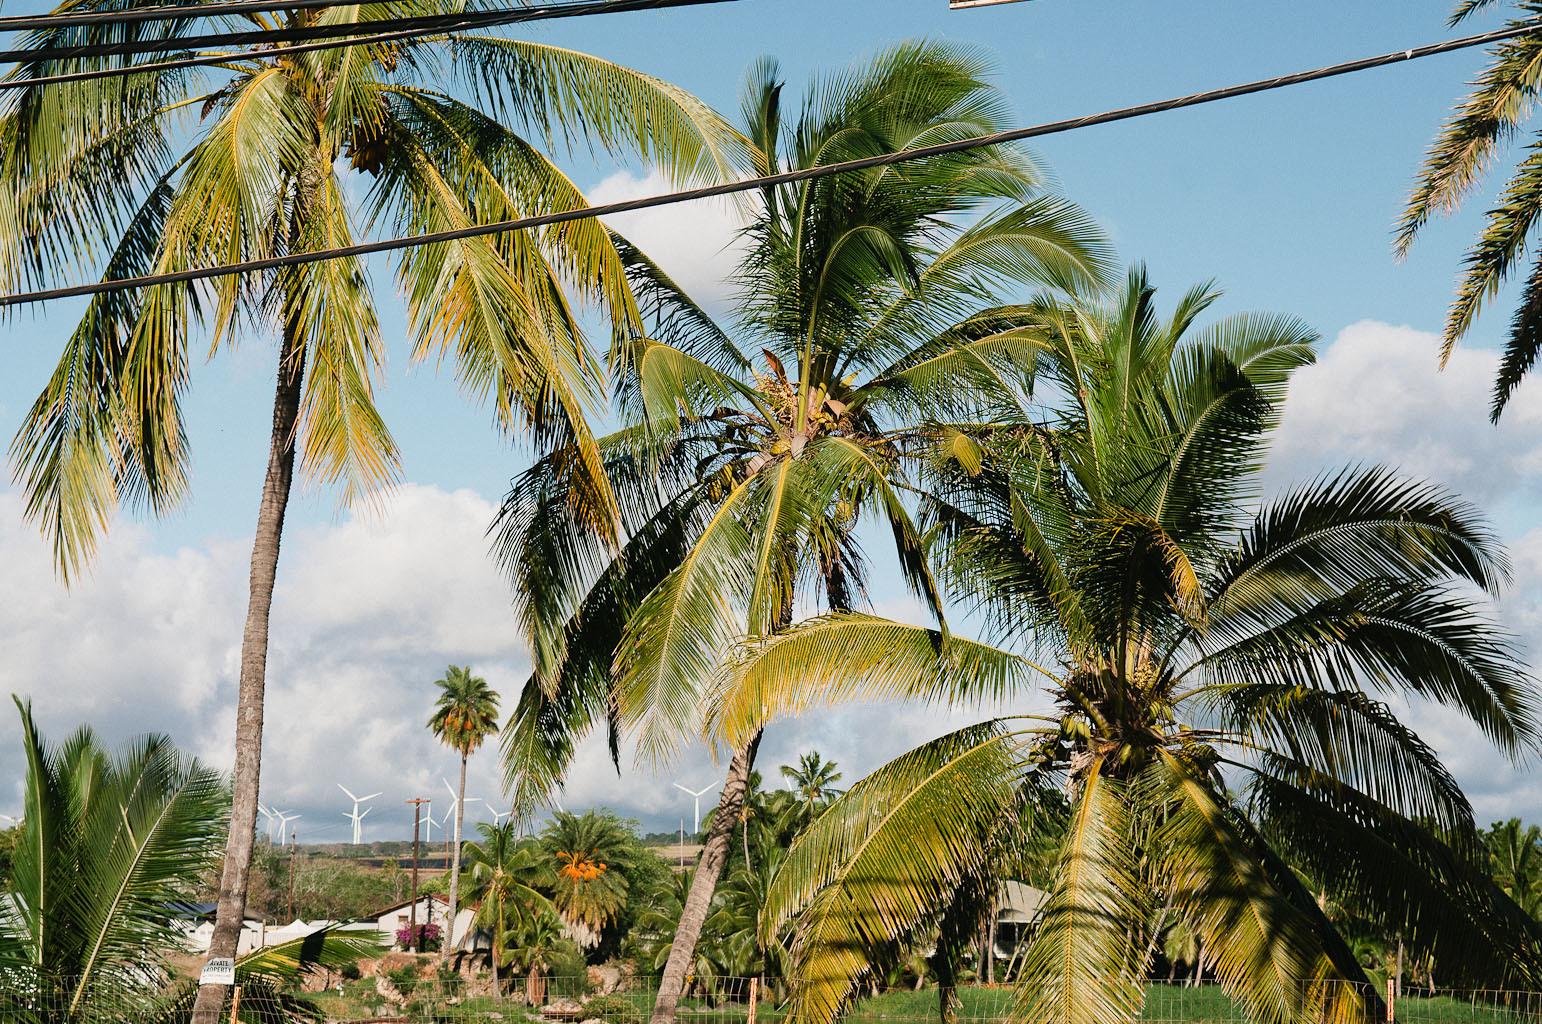 hawaii2013_42.jpg